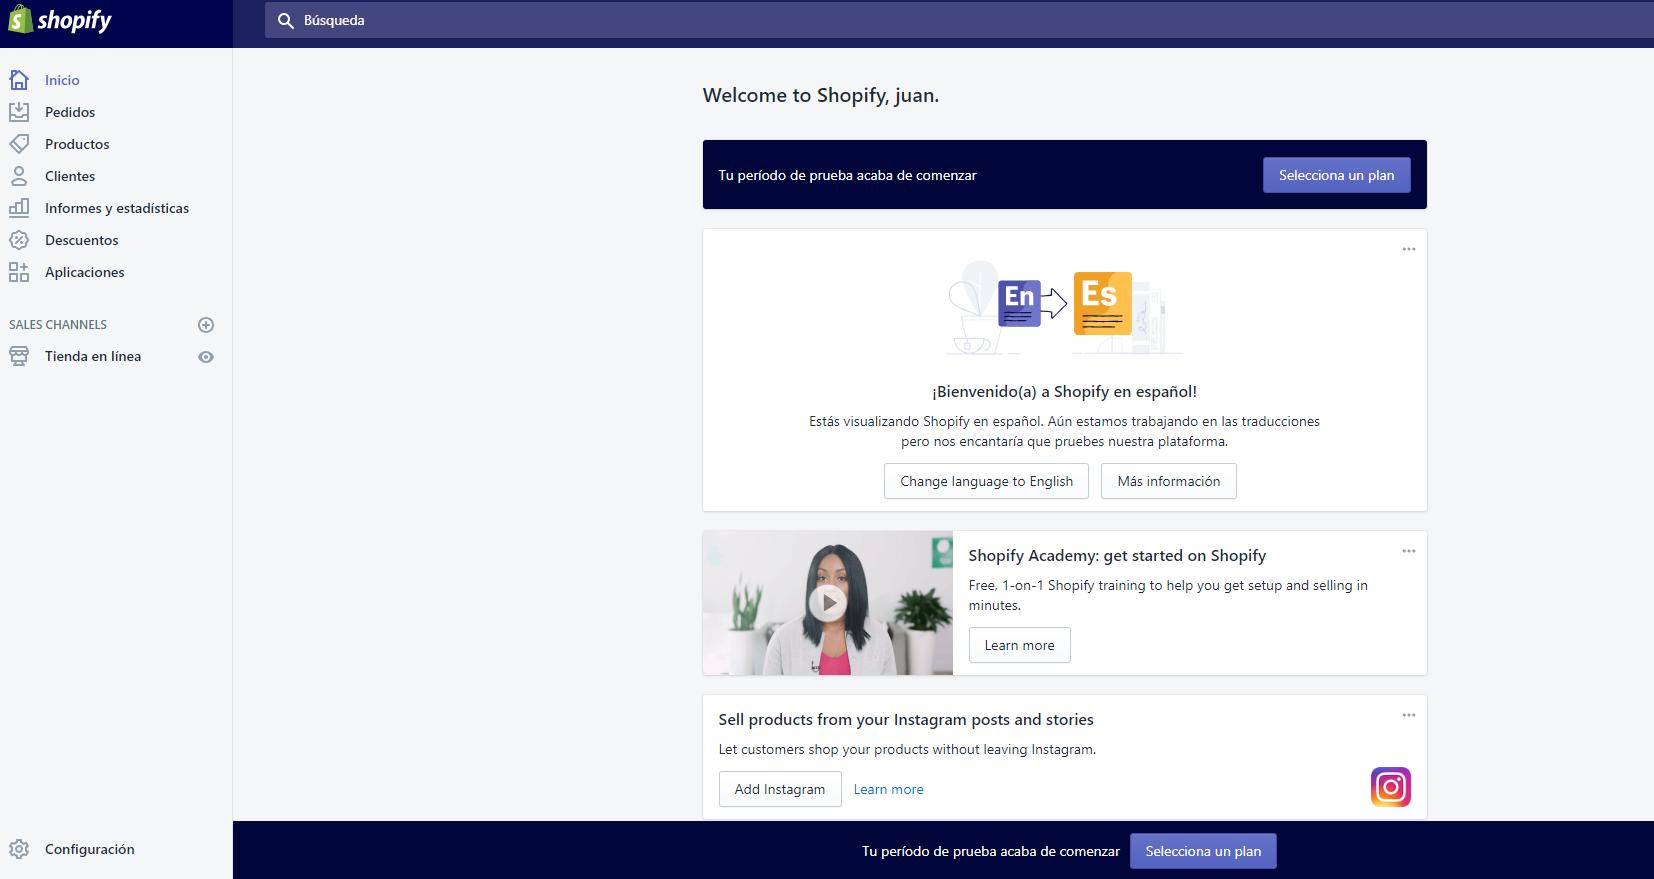 pantalla principal de shopify